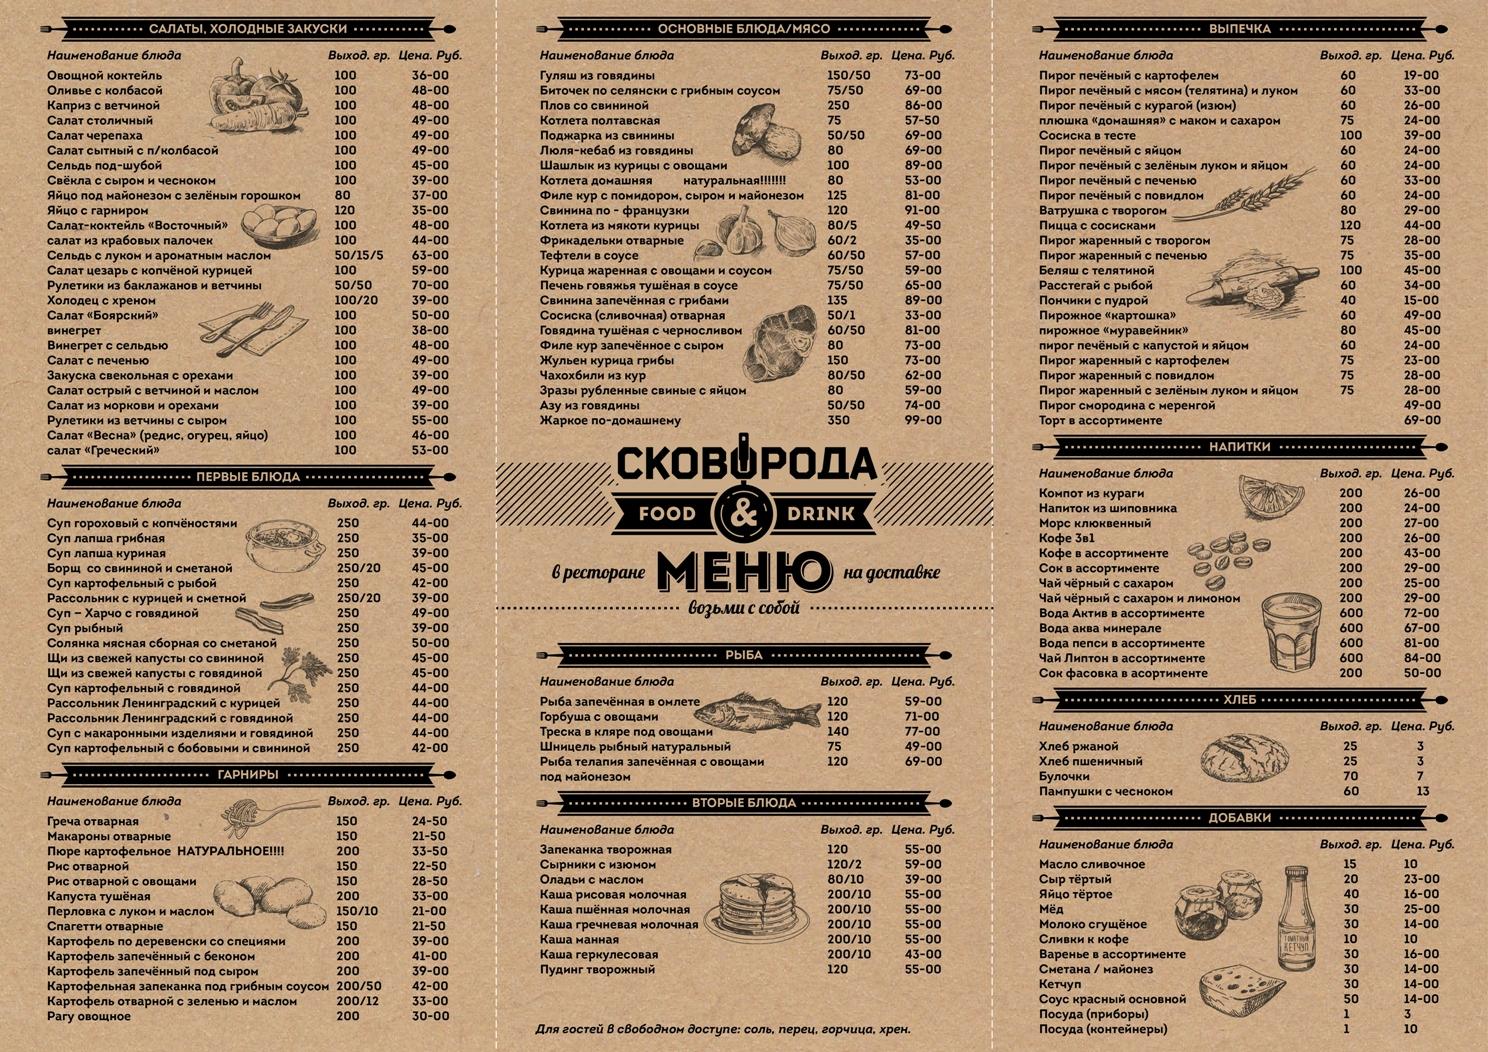 Skovoroda_menu